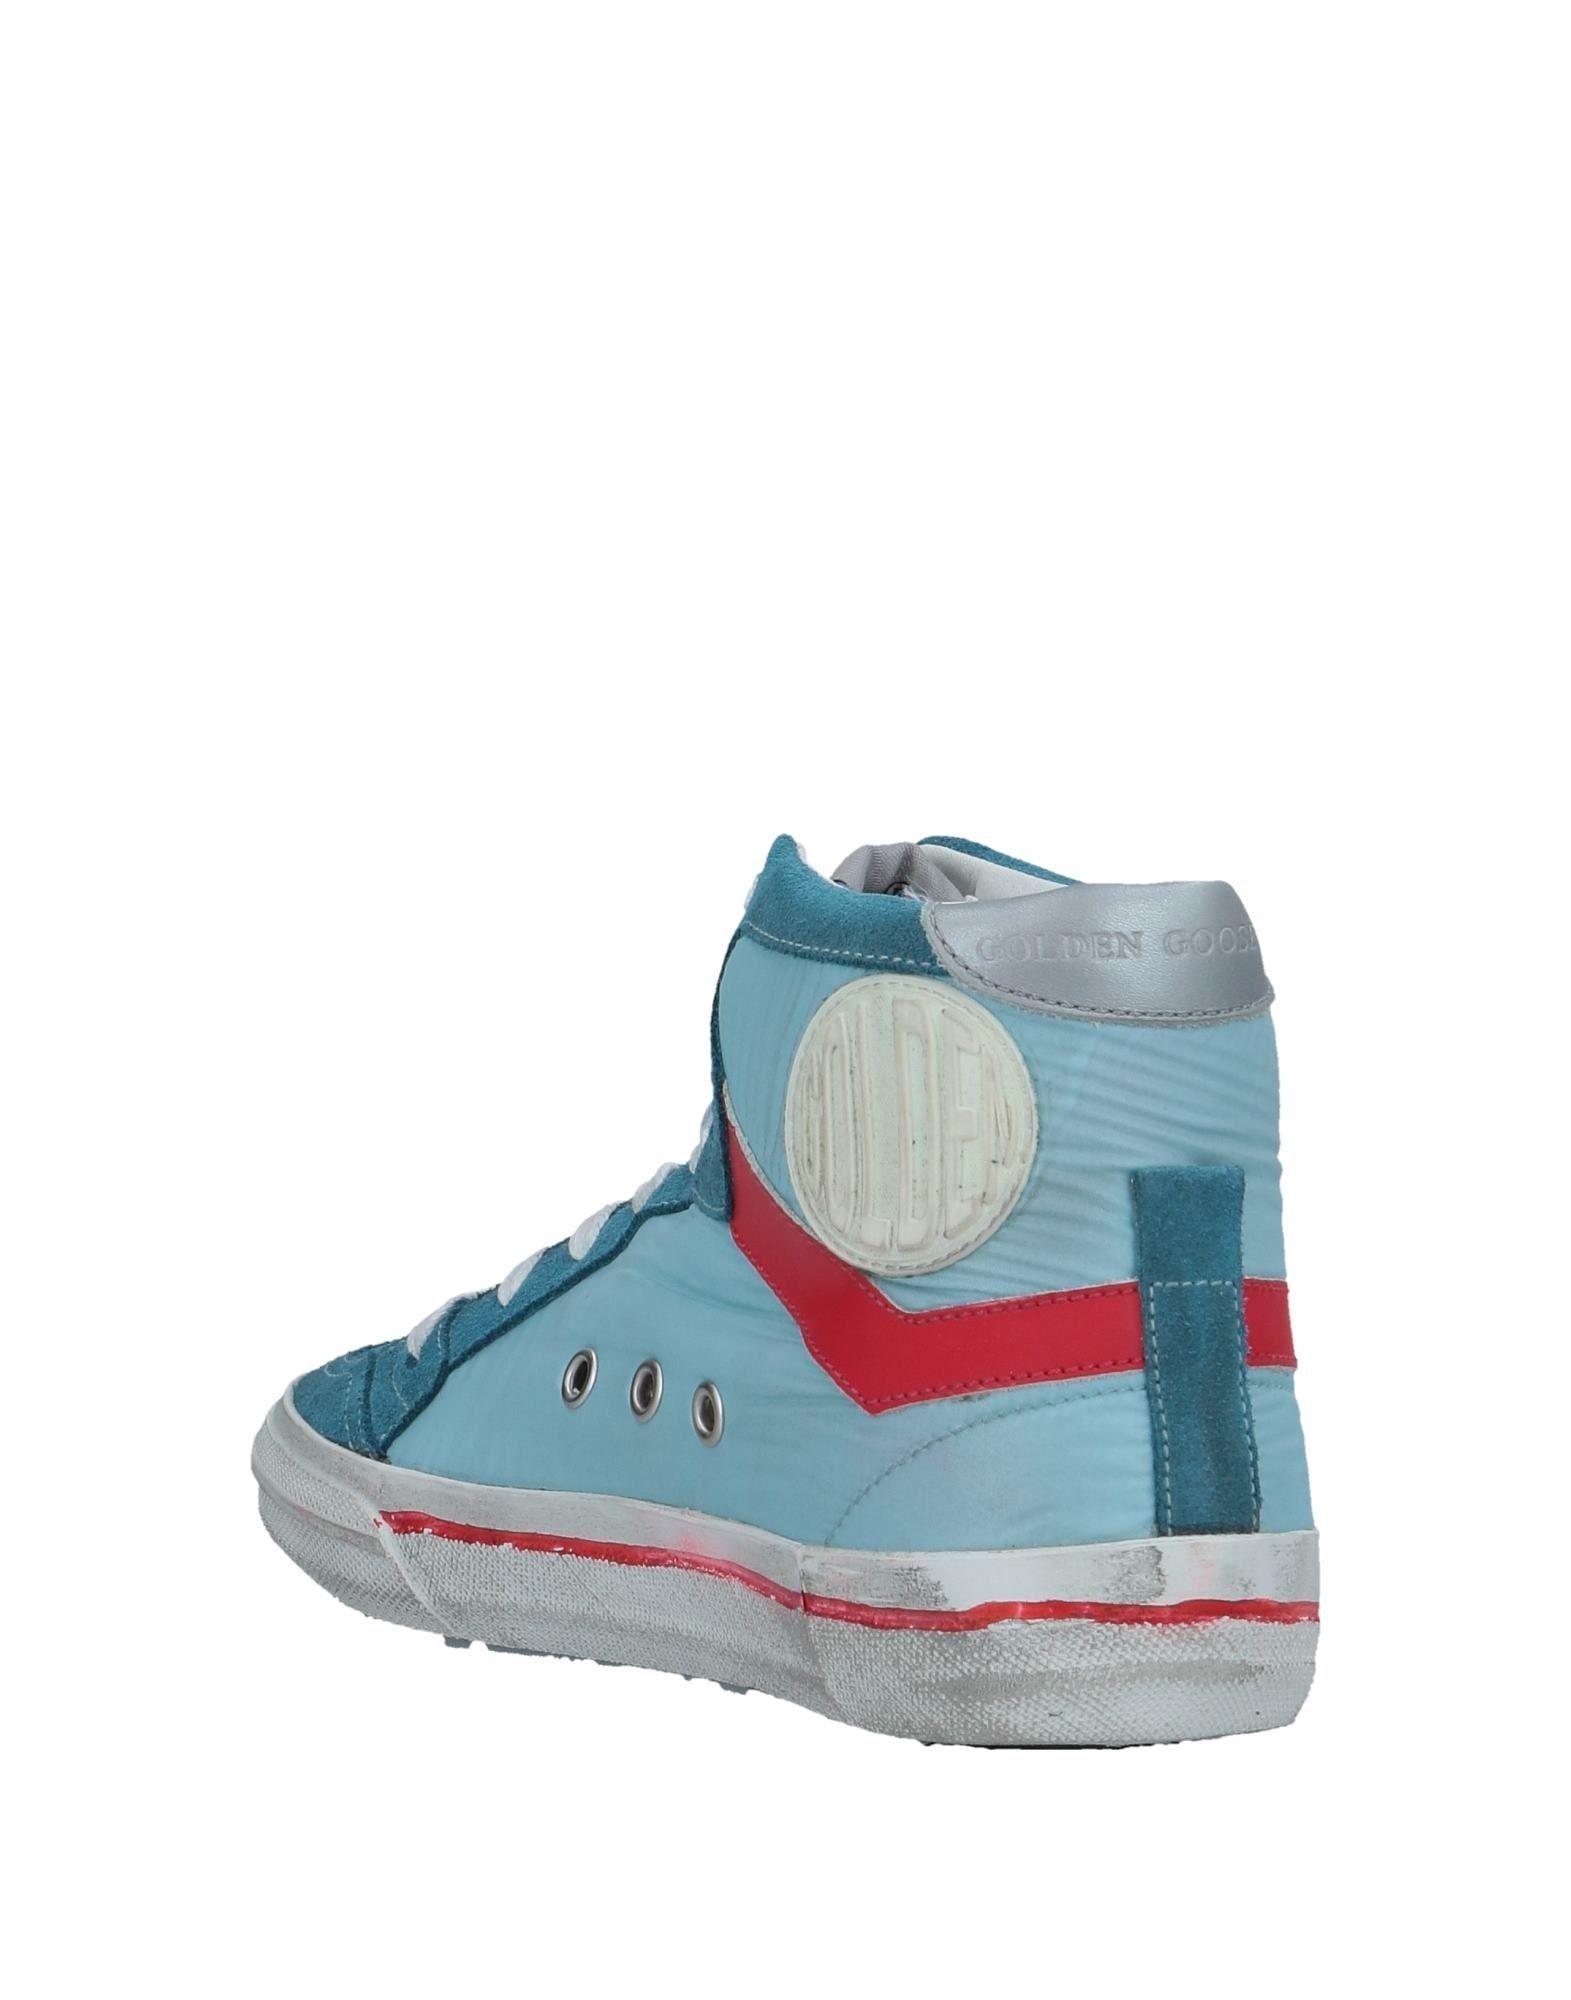 Golden Goose Deluxe Brand Sneakers - Women Golden Goose on Deluxe Brand Sneakers online on Goose  Canada - 11506957VM ce0ea1